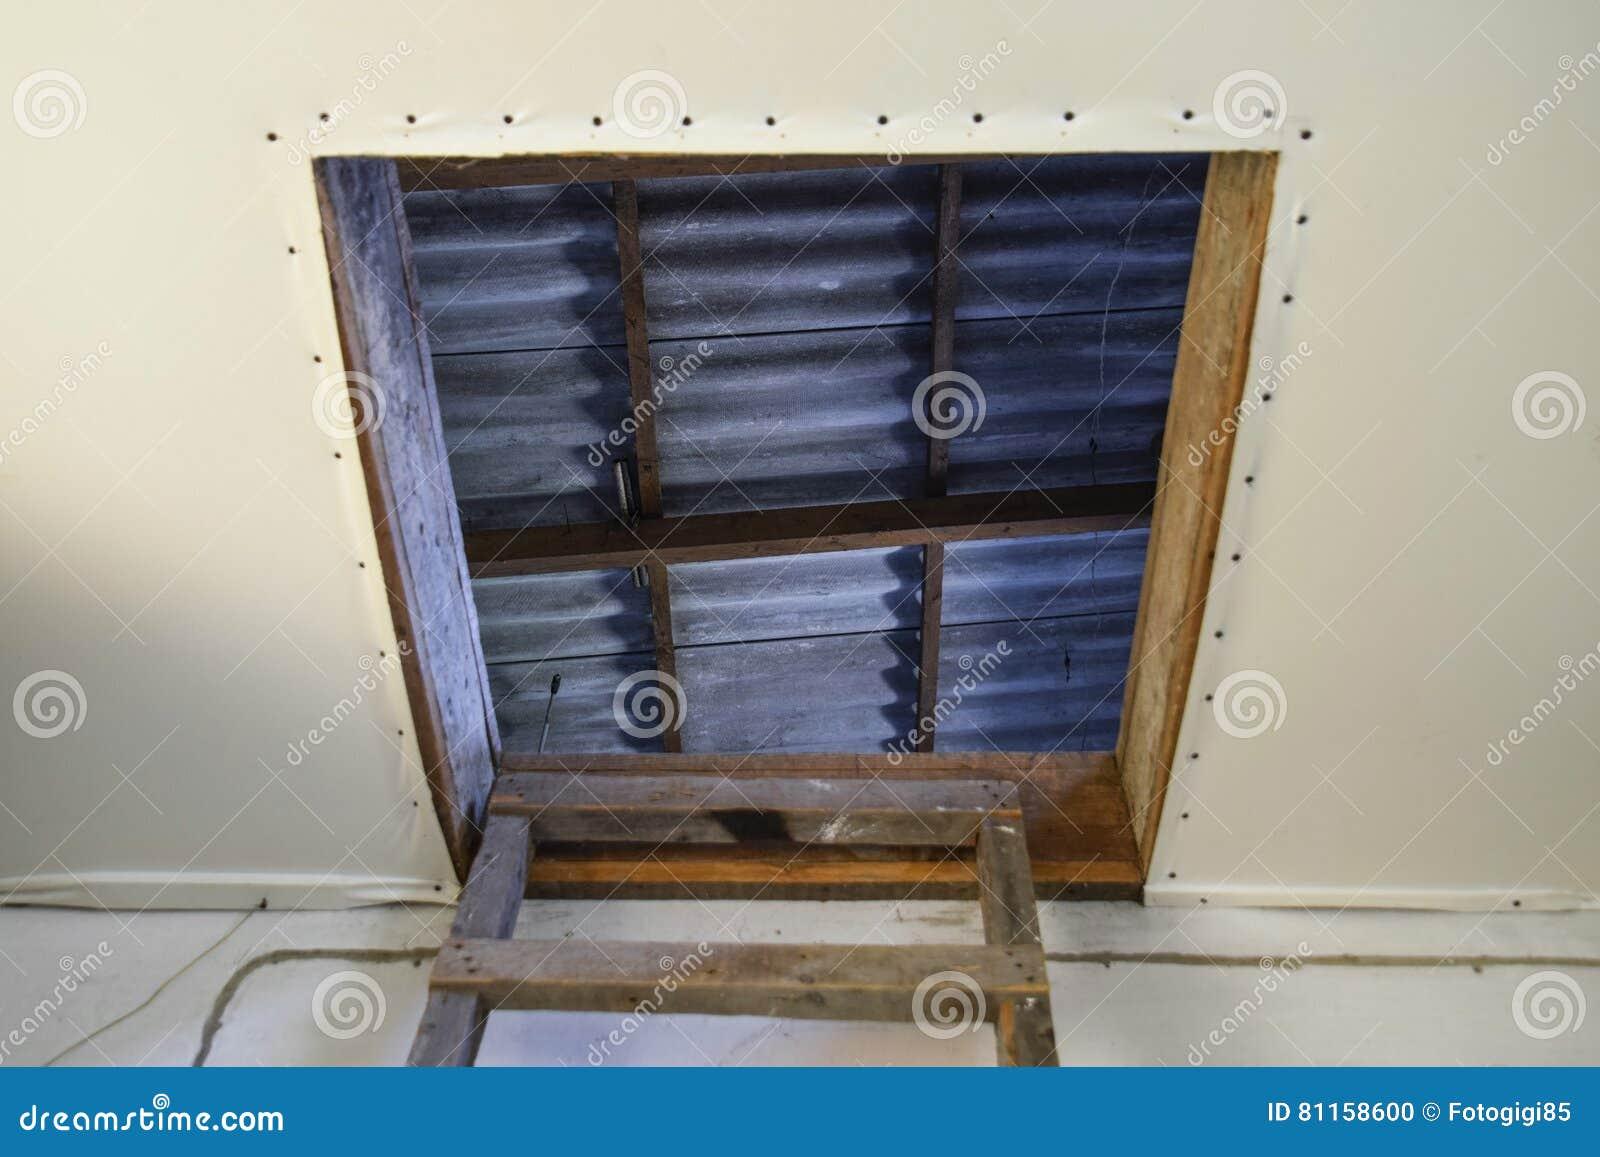 Relativ Öffnen Sie Den Eingang Zum Dachboden Das Treppenhaus Und Die Tür NT03